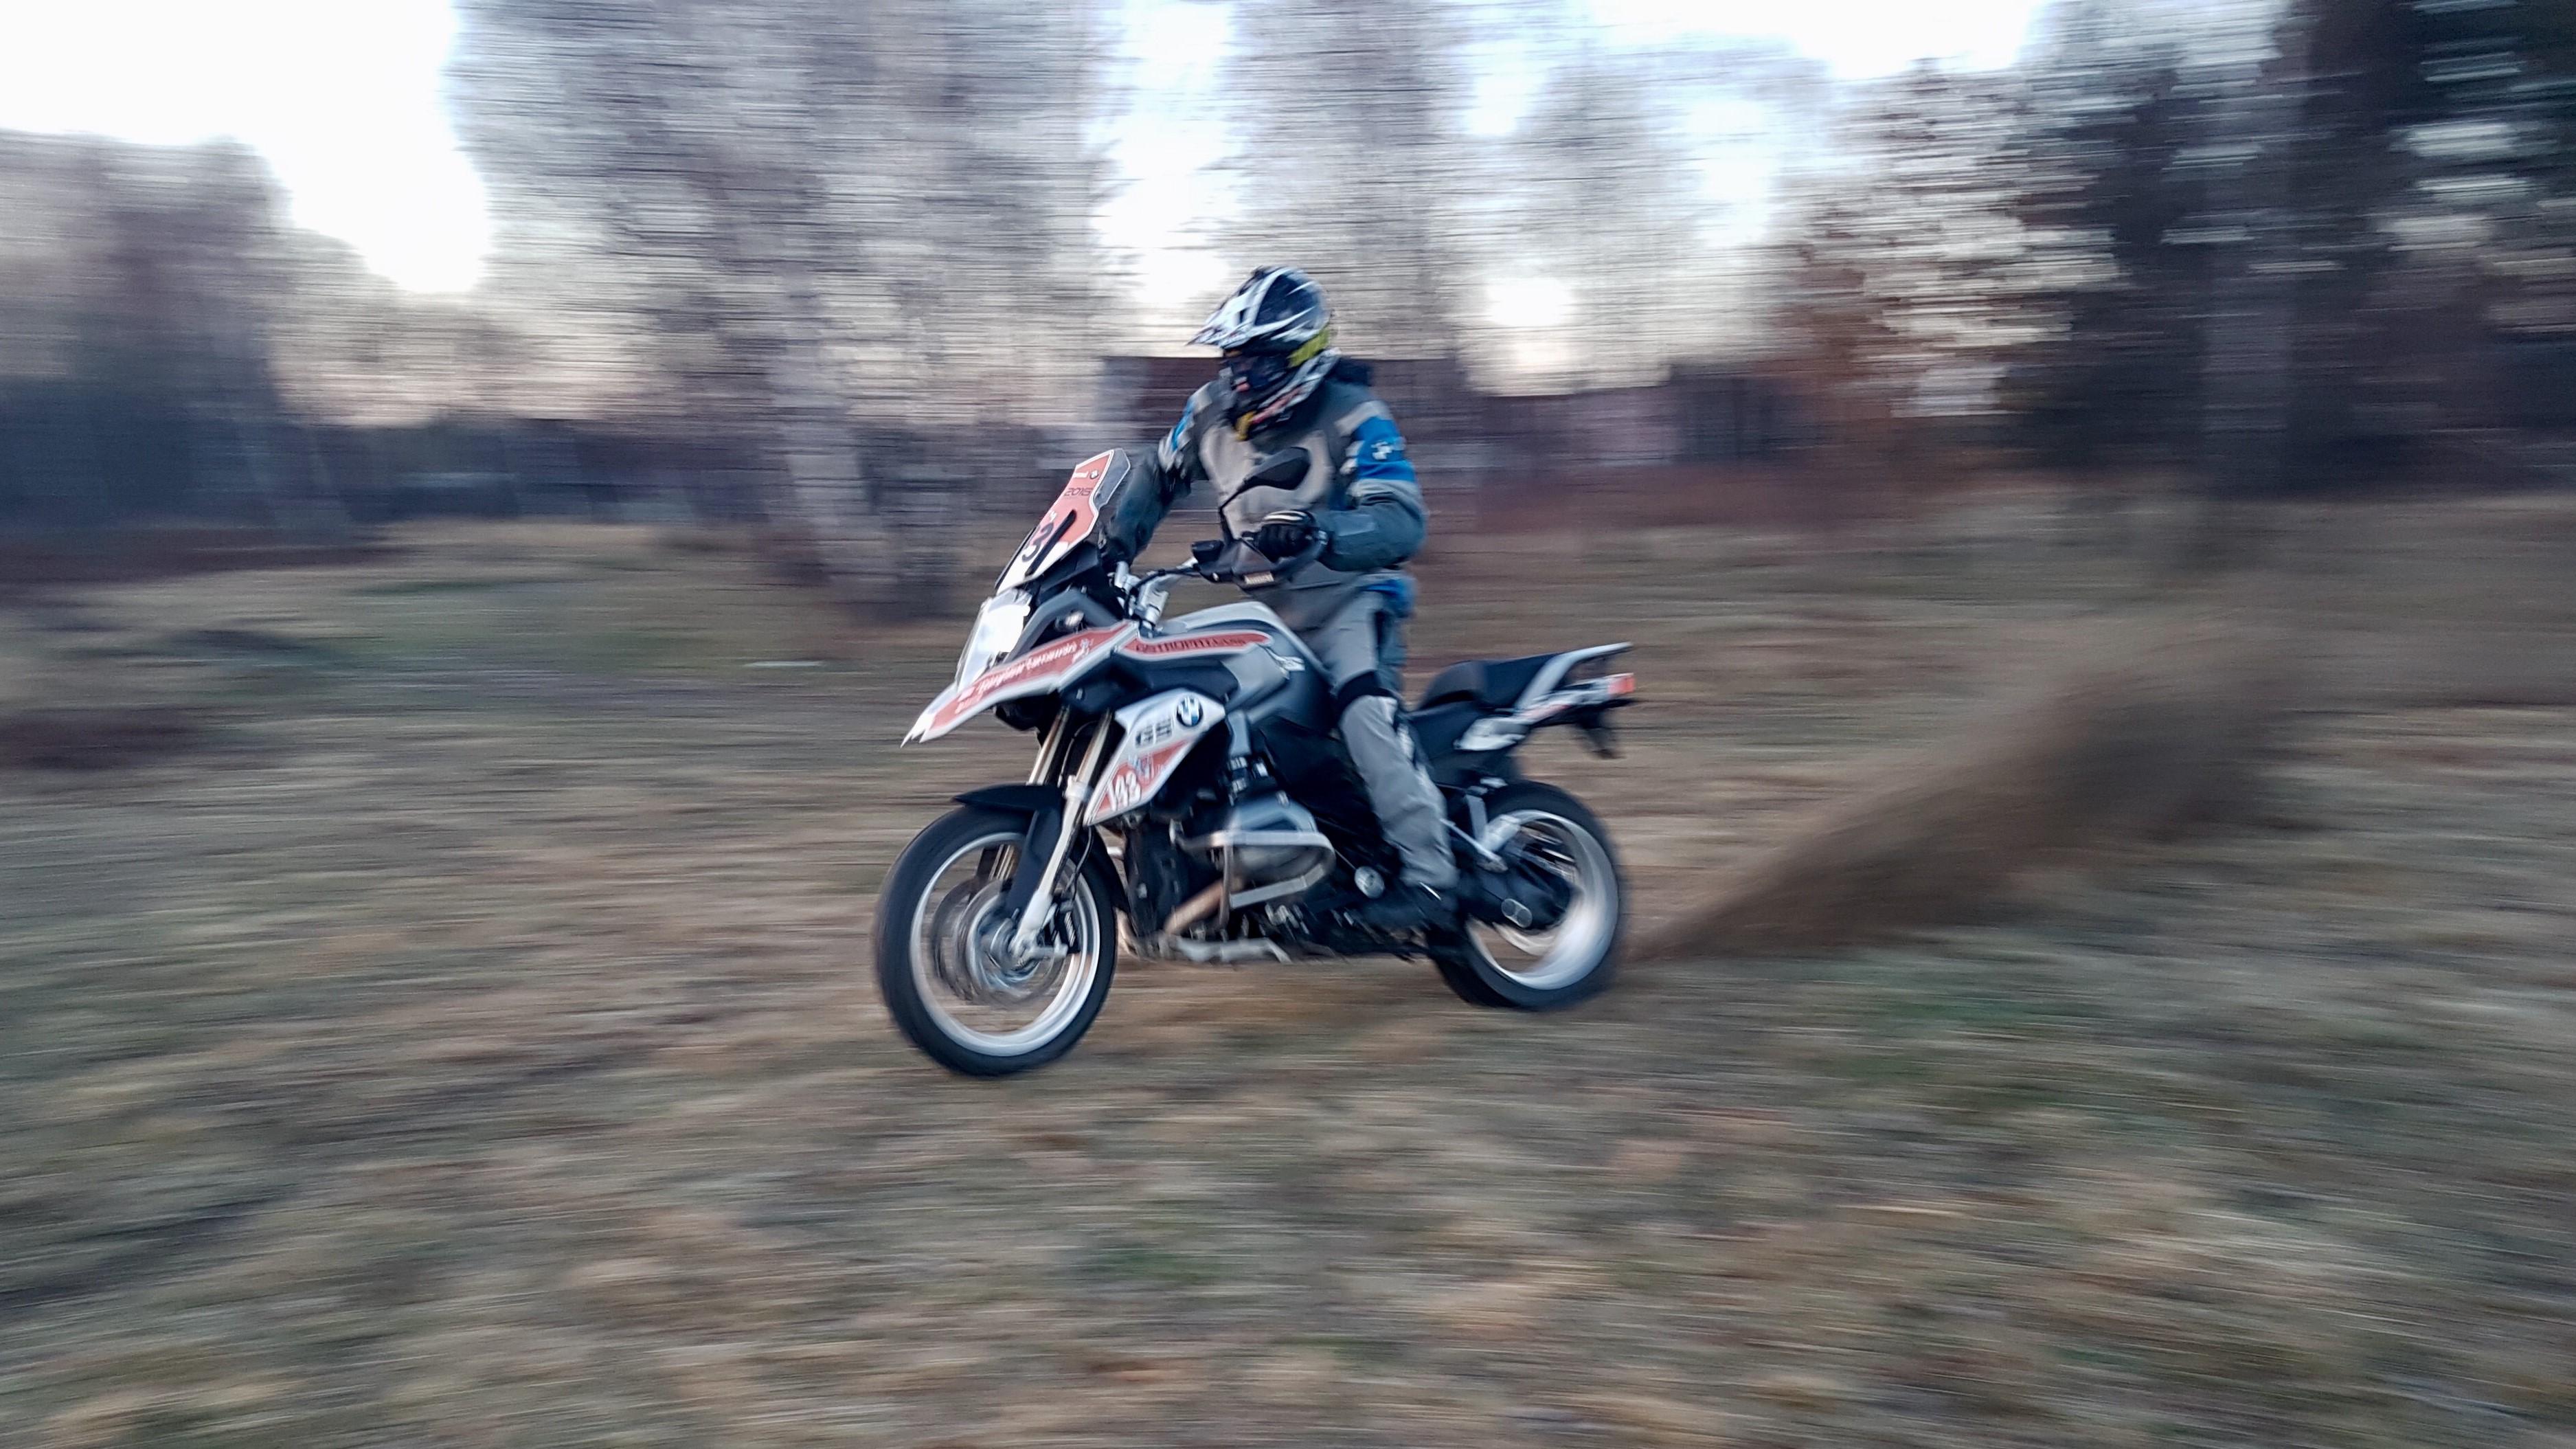 przyspieszanie motocyklem